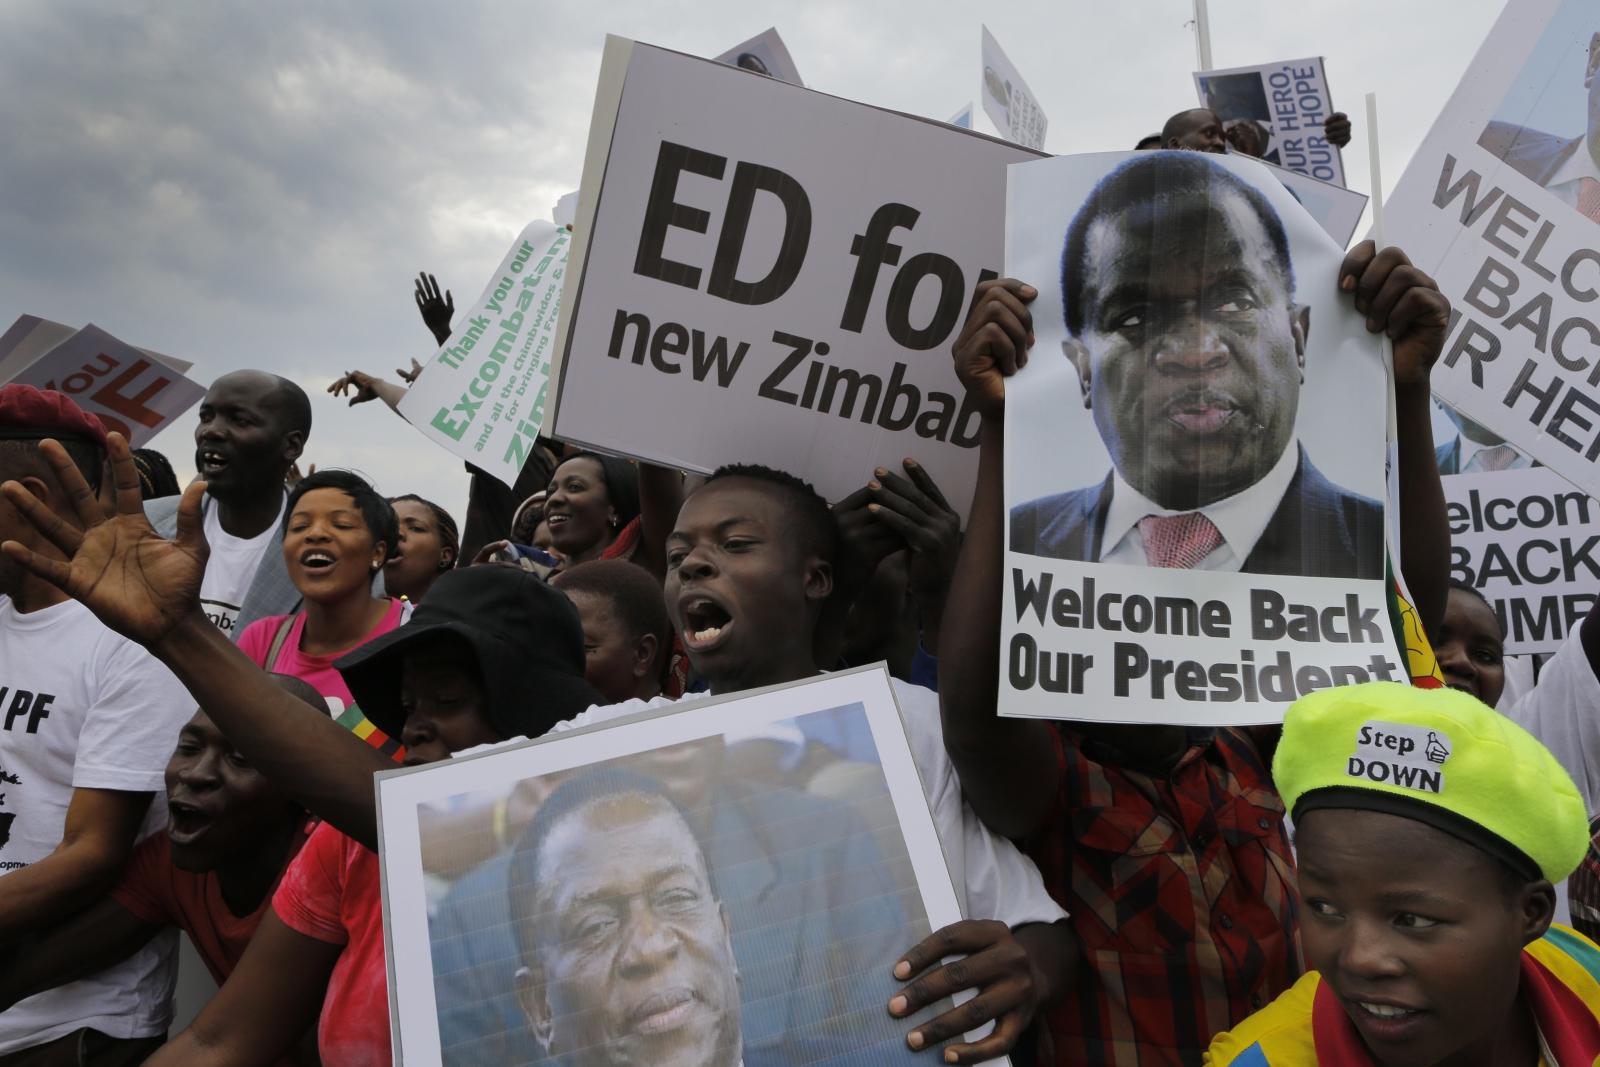 Zimbabwe. Reakcje na ustąpienie z urzędu obecnego prezydenta. fot. EPA/KIM LUDBROOK